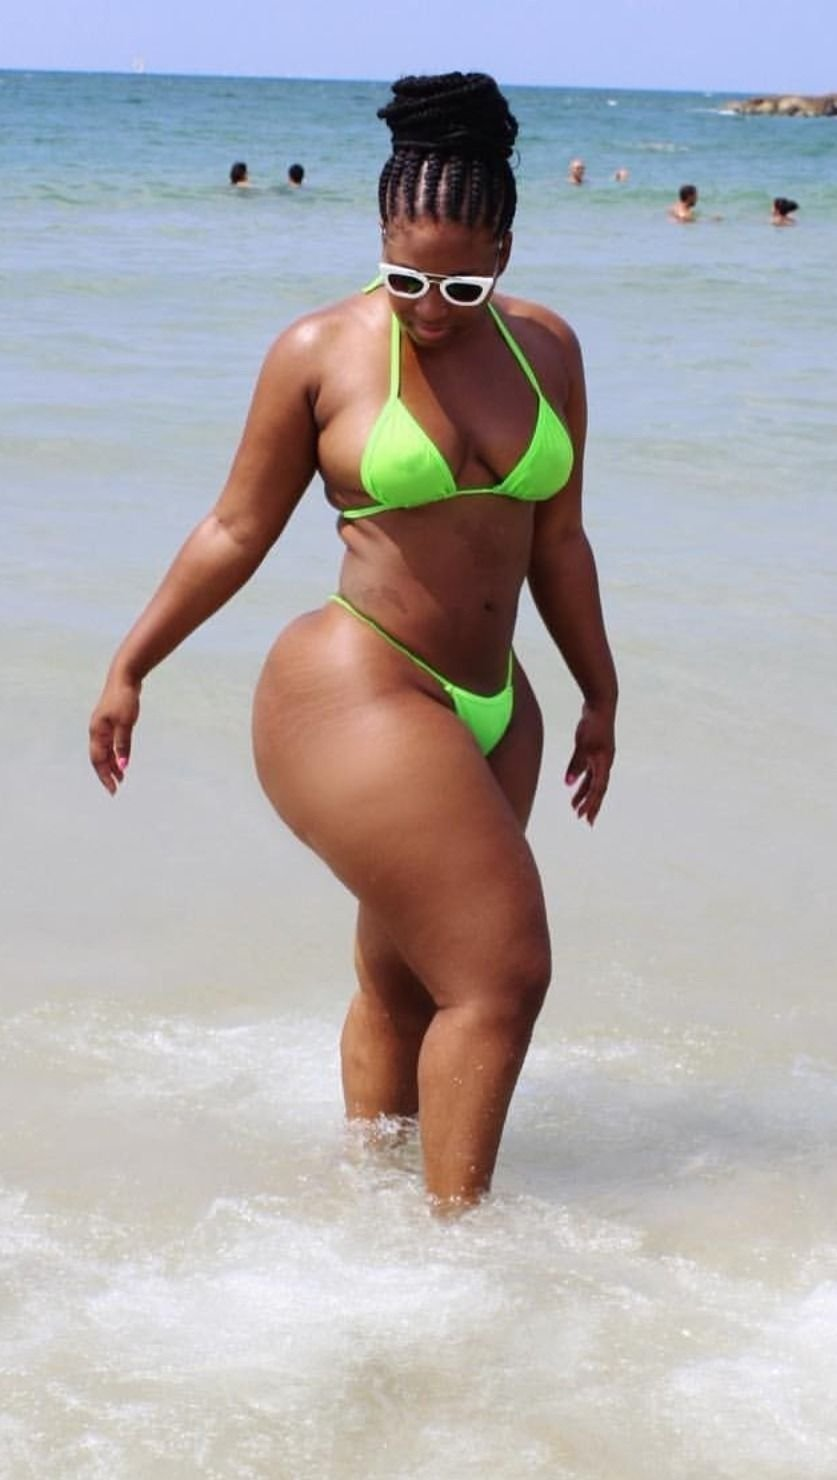 женщина с толстыми бедрами фото зрелых мужчин